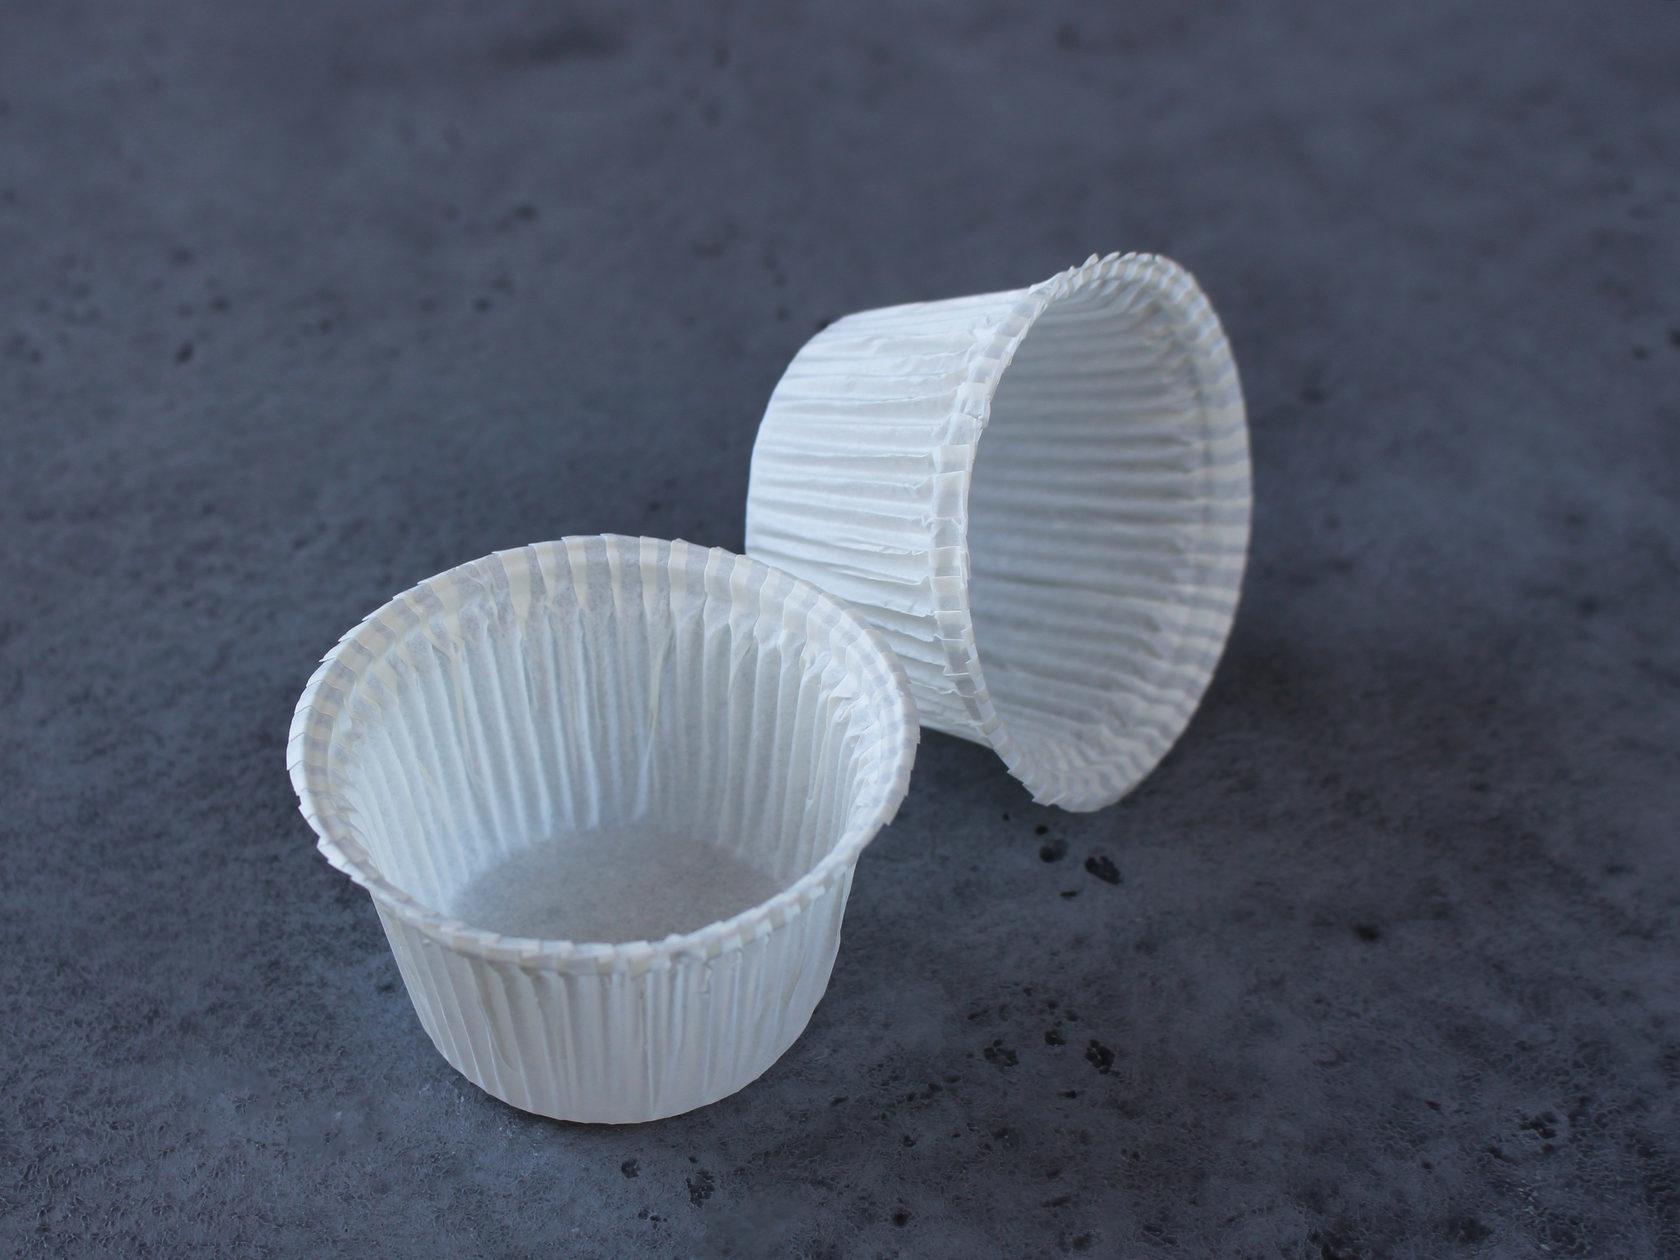 Капсулы белые для капкейков и маффинов 5x4 см, 20 шт